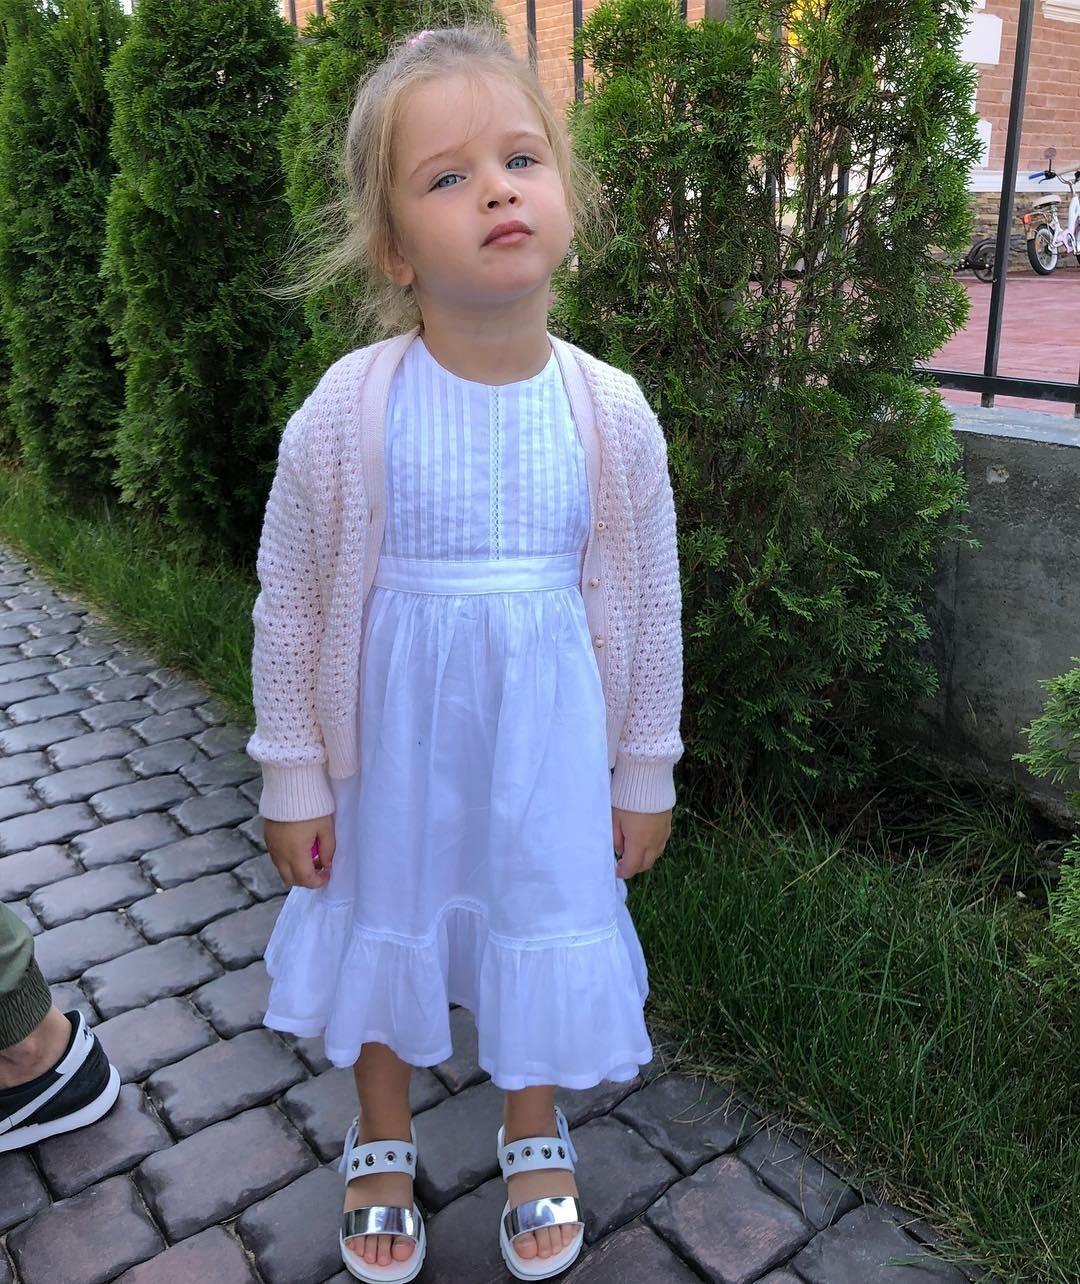 Пусть маленькая принцесса с де&...